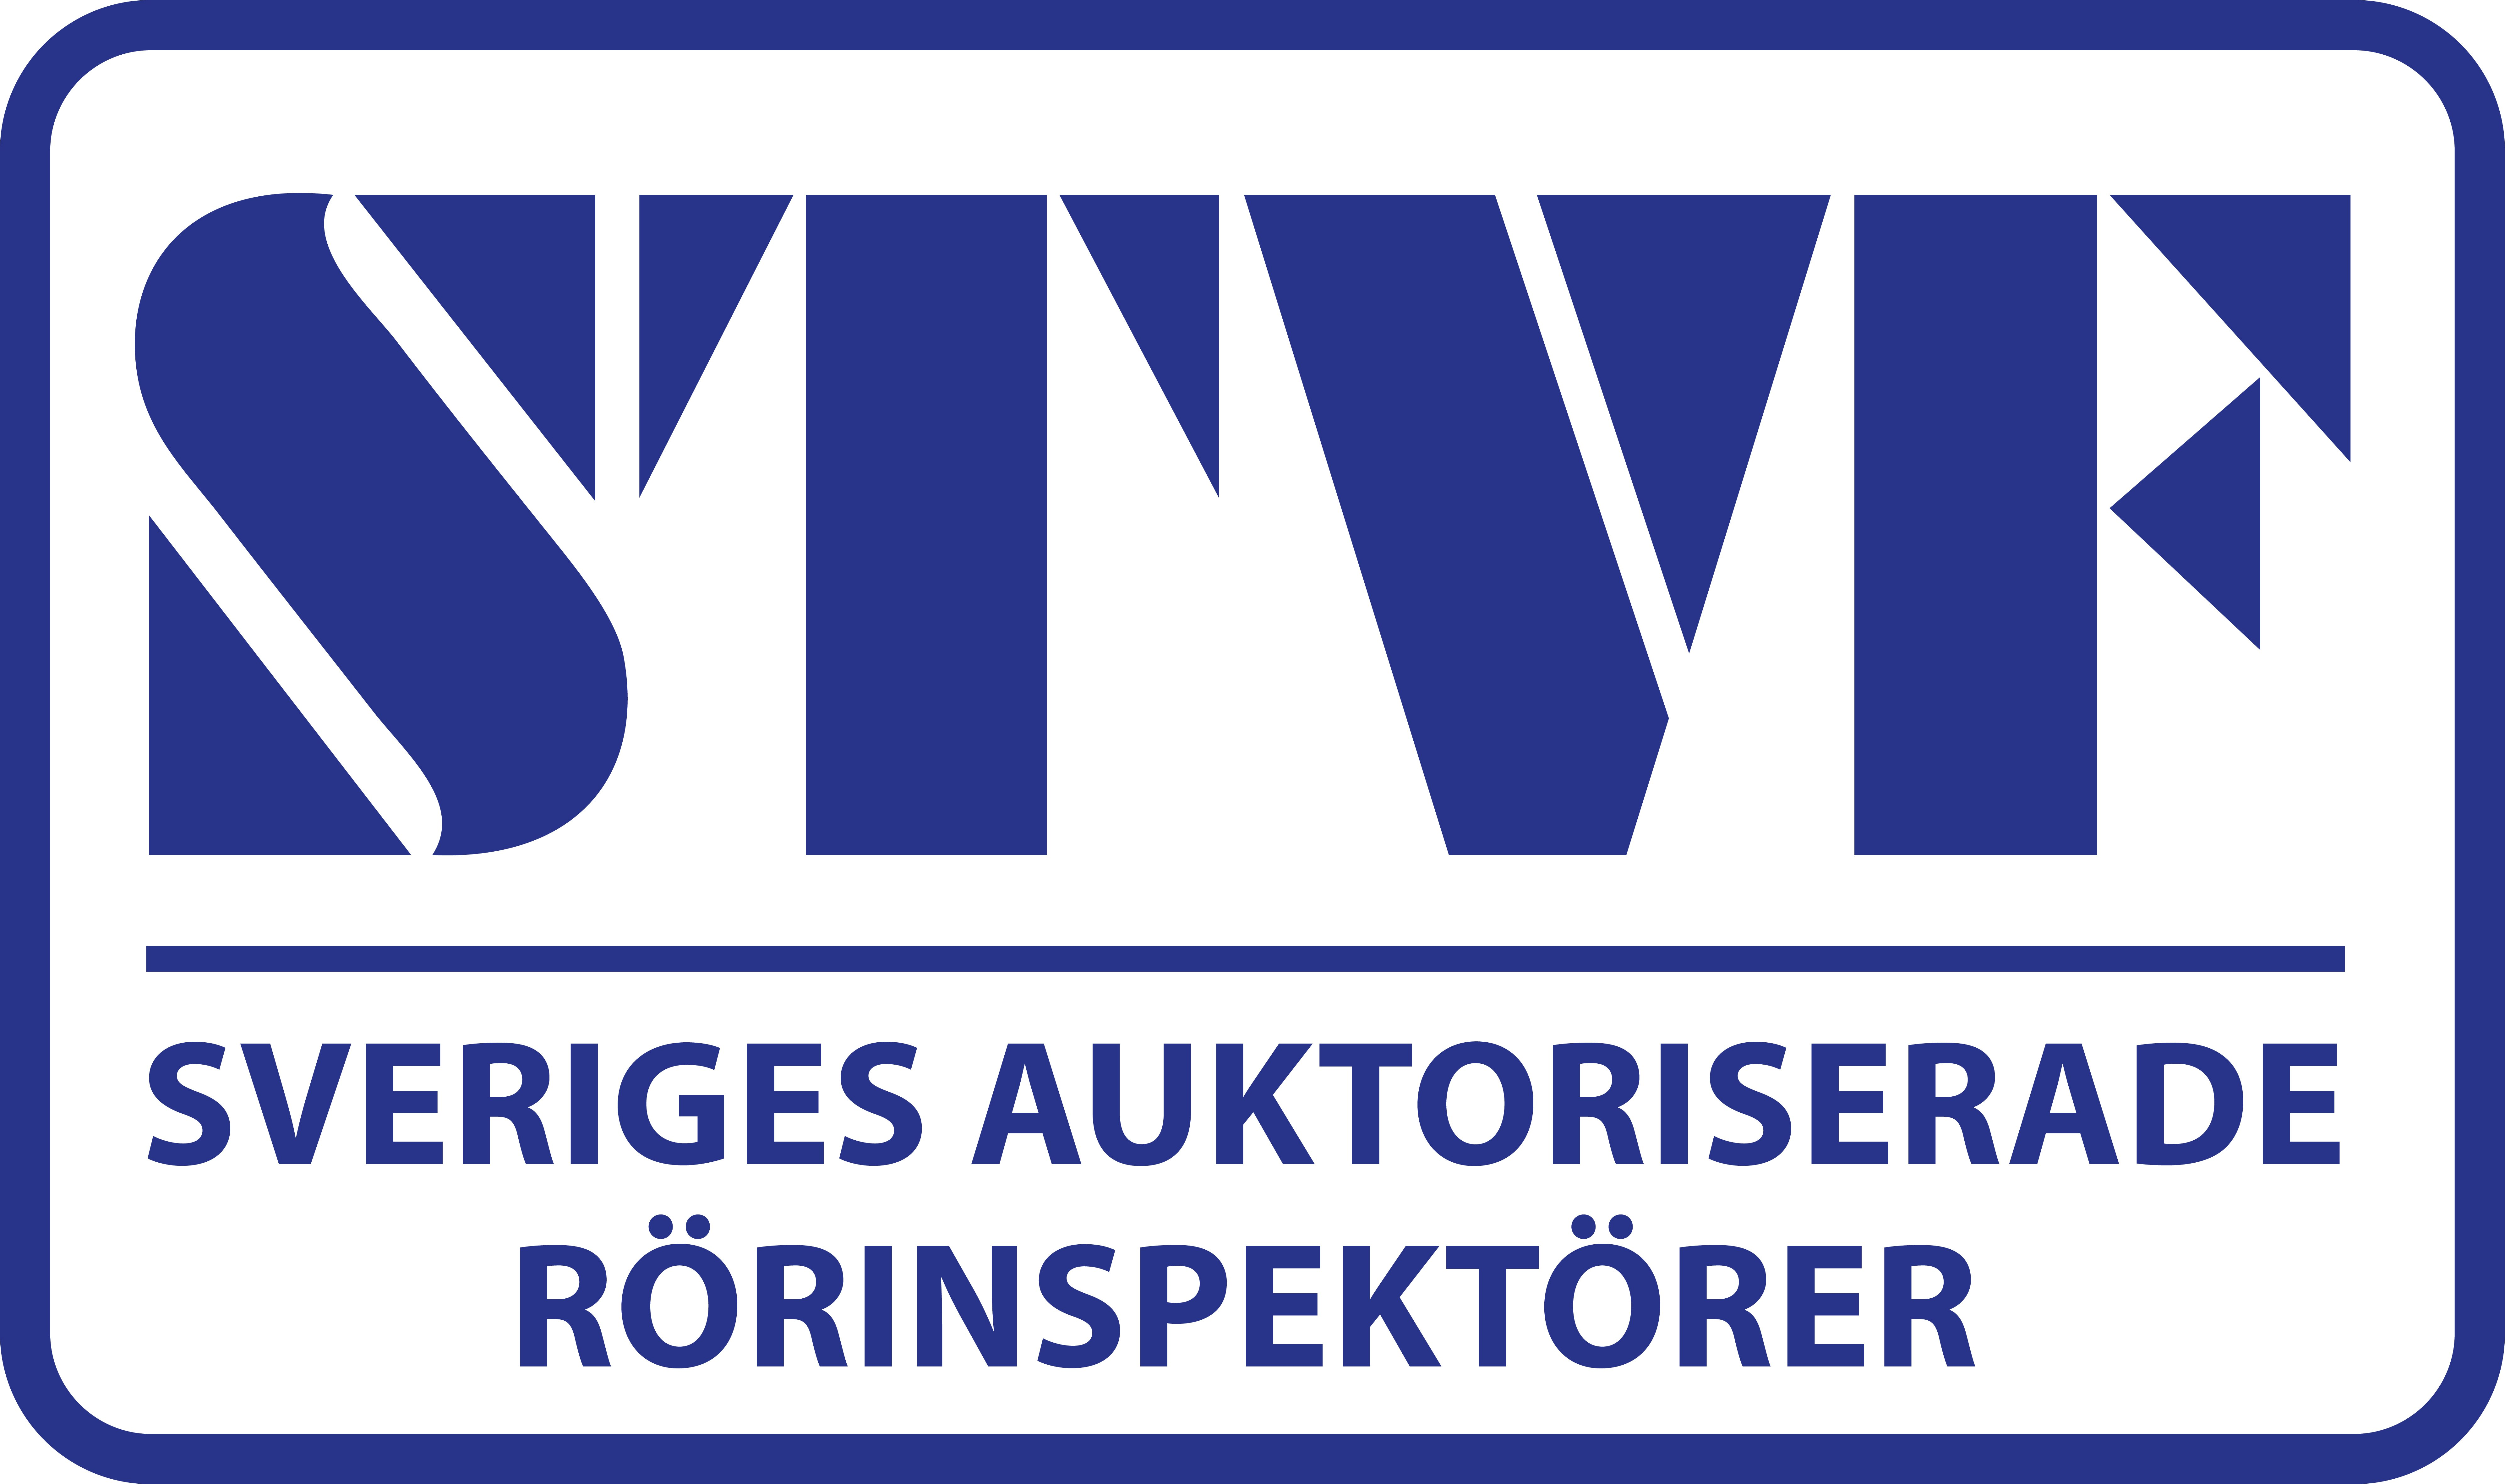 Rörinspektion – Sveriges auktoriserade rörinspektörer – Flush Rörinspektion Örebro